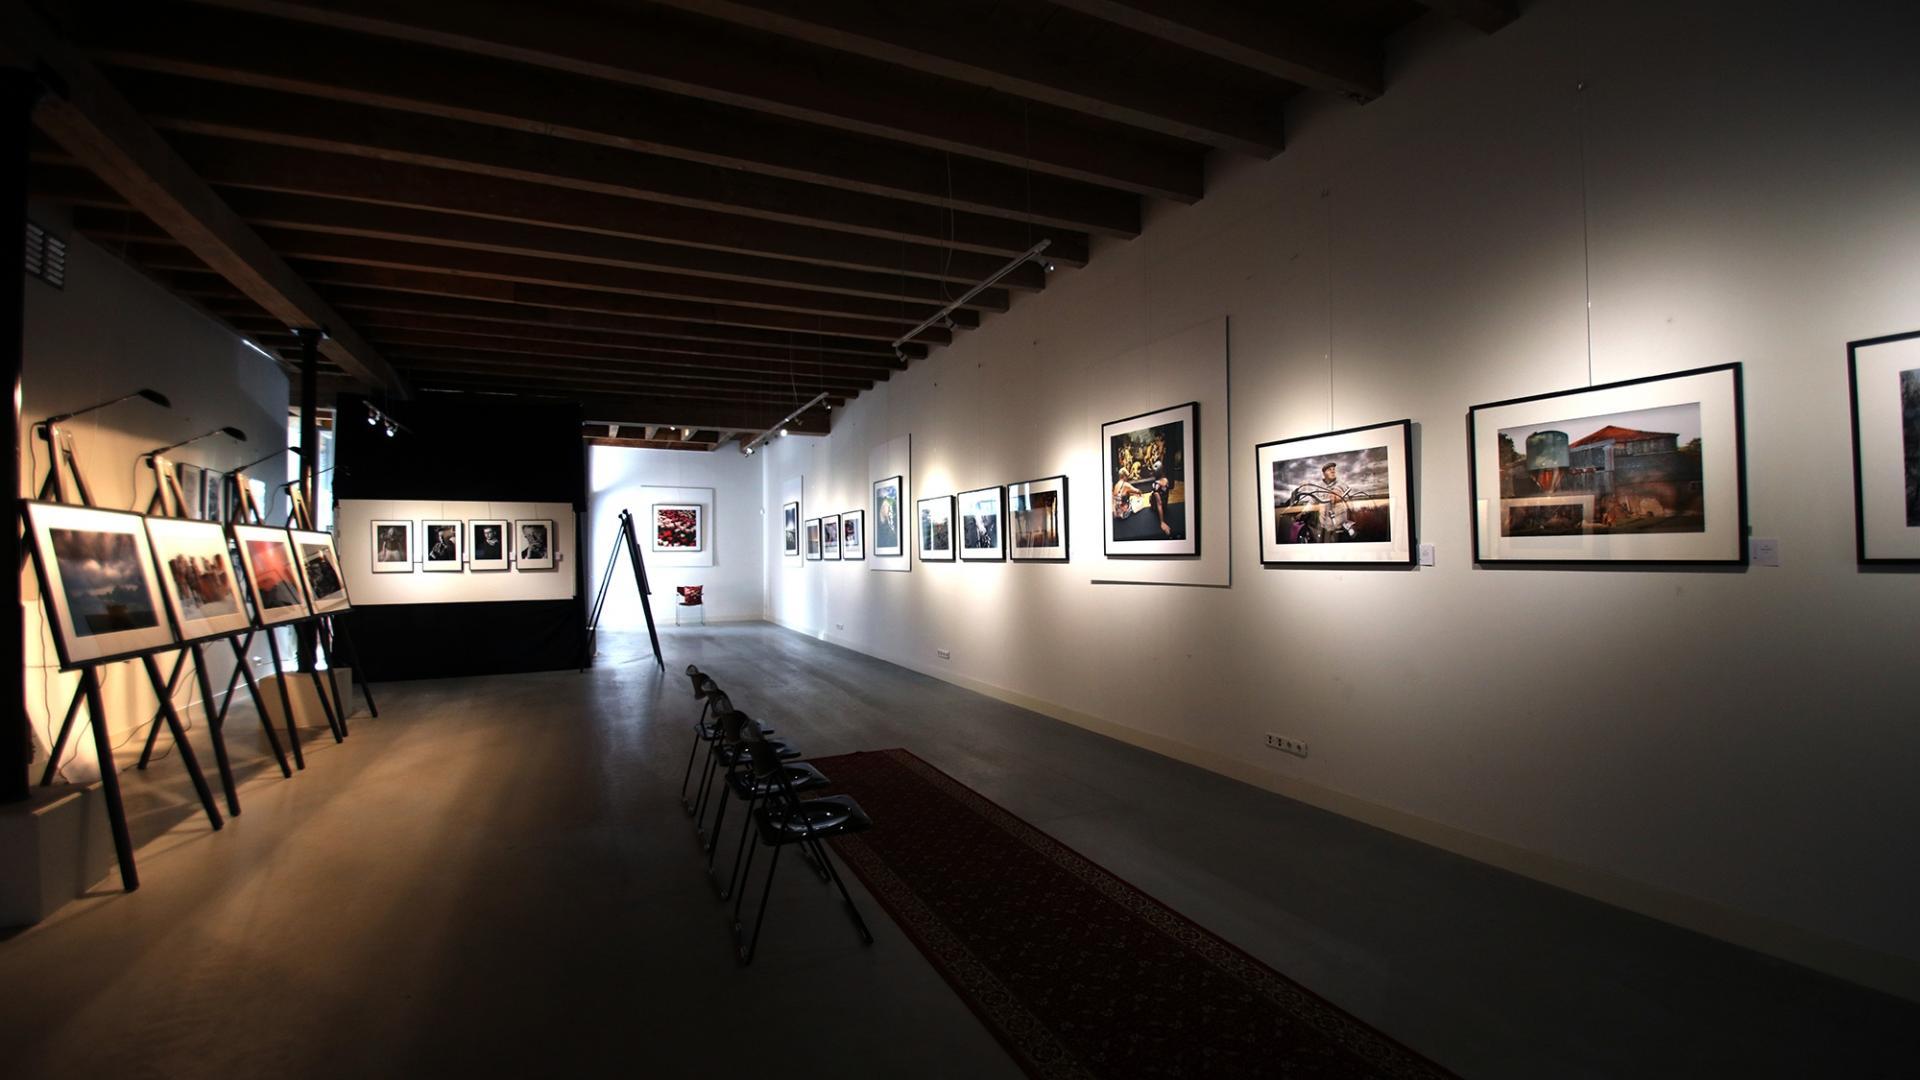 Fotokunst aan de muur